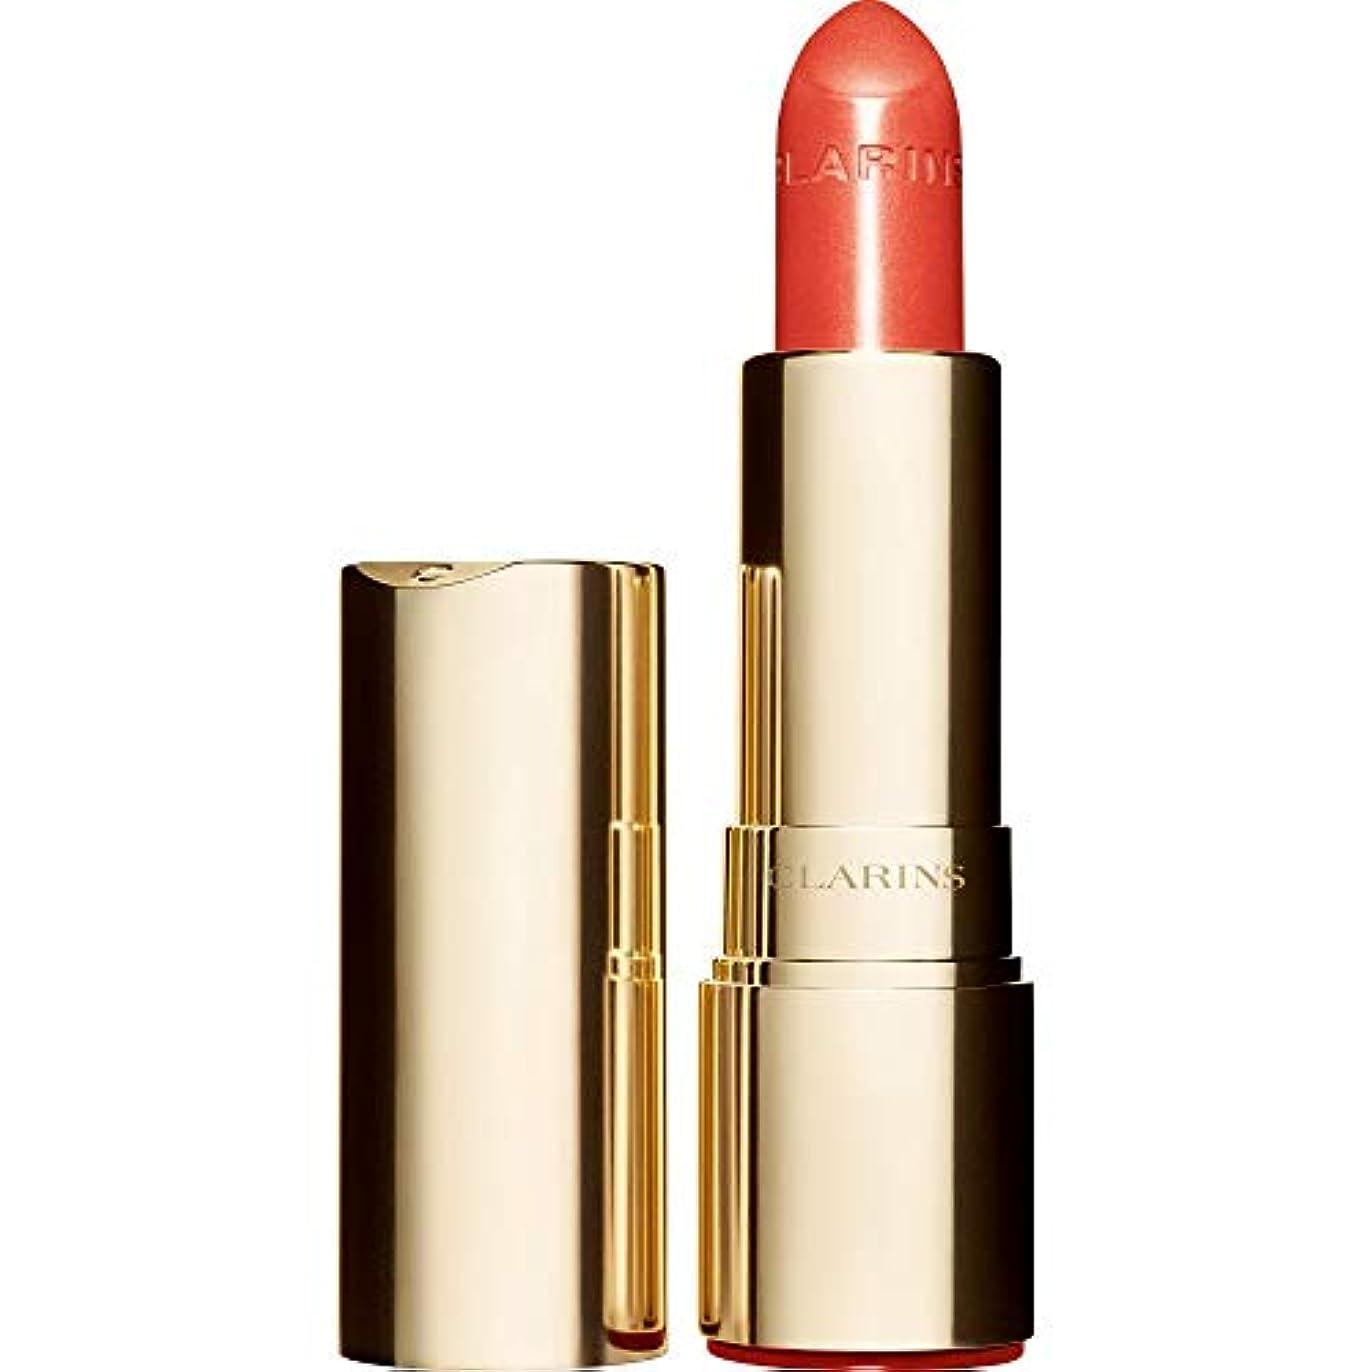 マキシムバック驚かす[Clarins ] クラランスジョリルージュブリリアント口紅3.5グラムの711S - パパイヤ - Clarins Joli Rouge Brillant Lipstick 3.5g 711S - Papaya [並行輸入品]